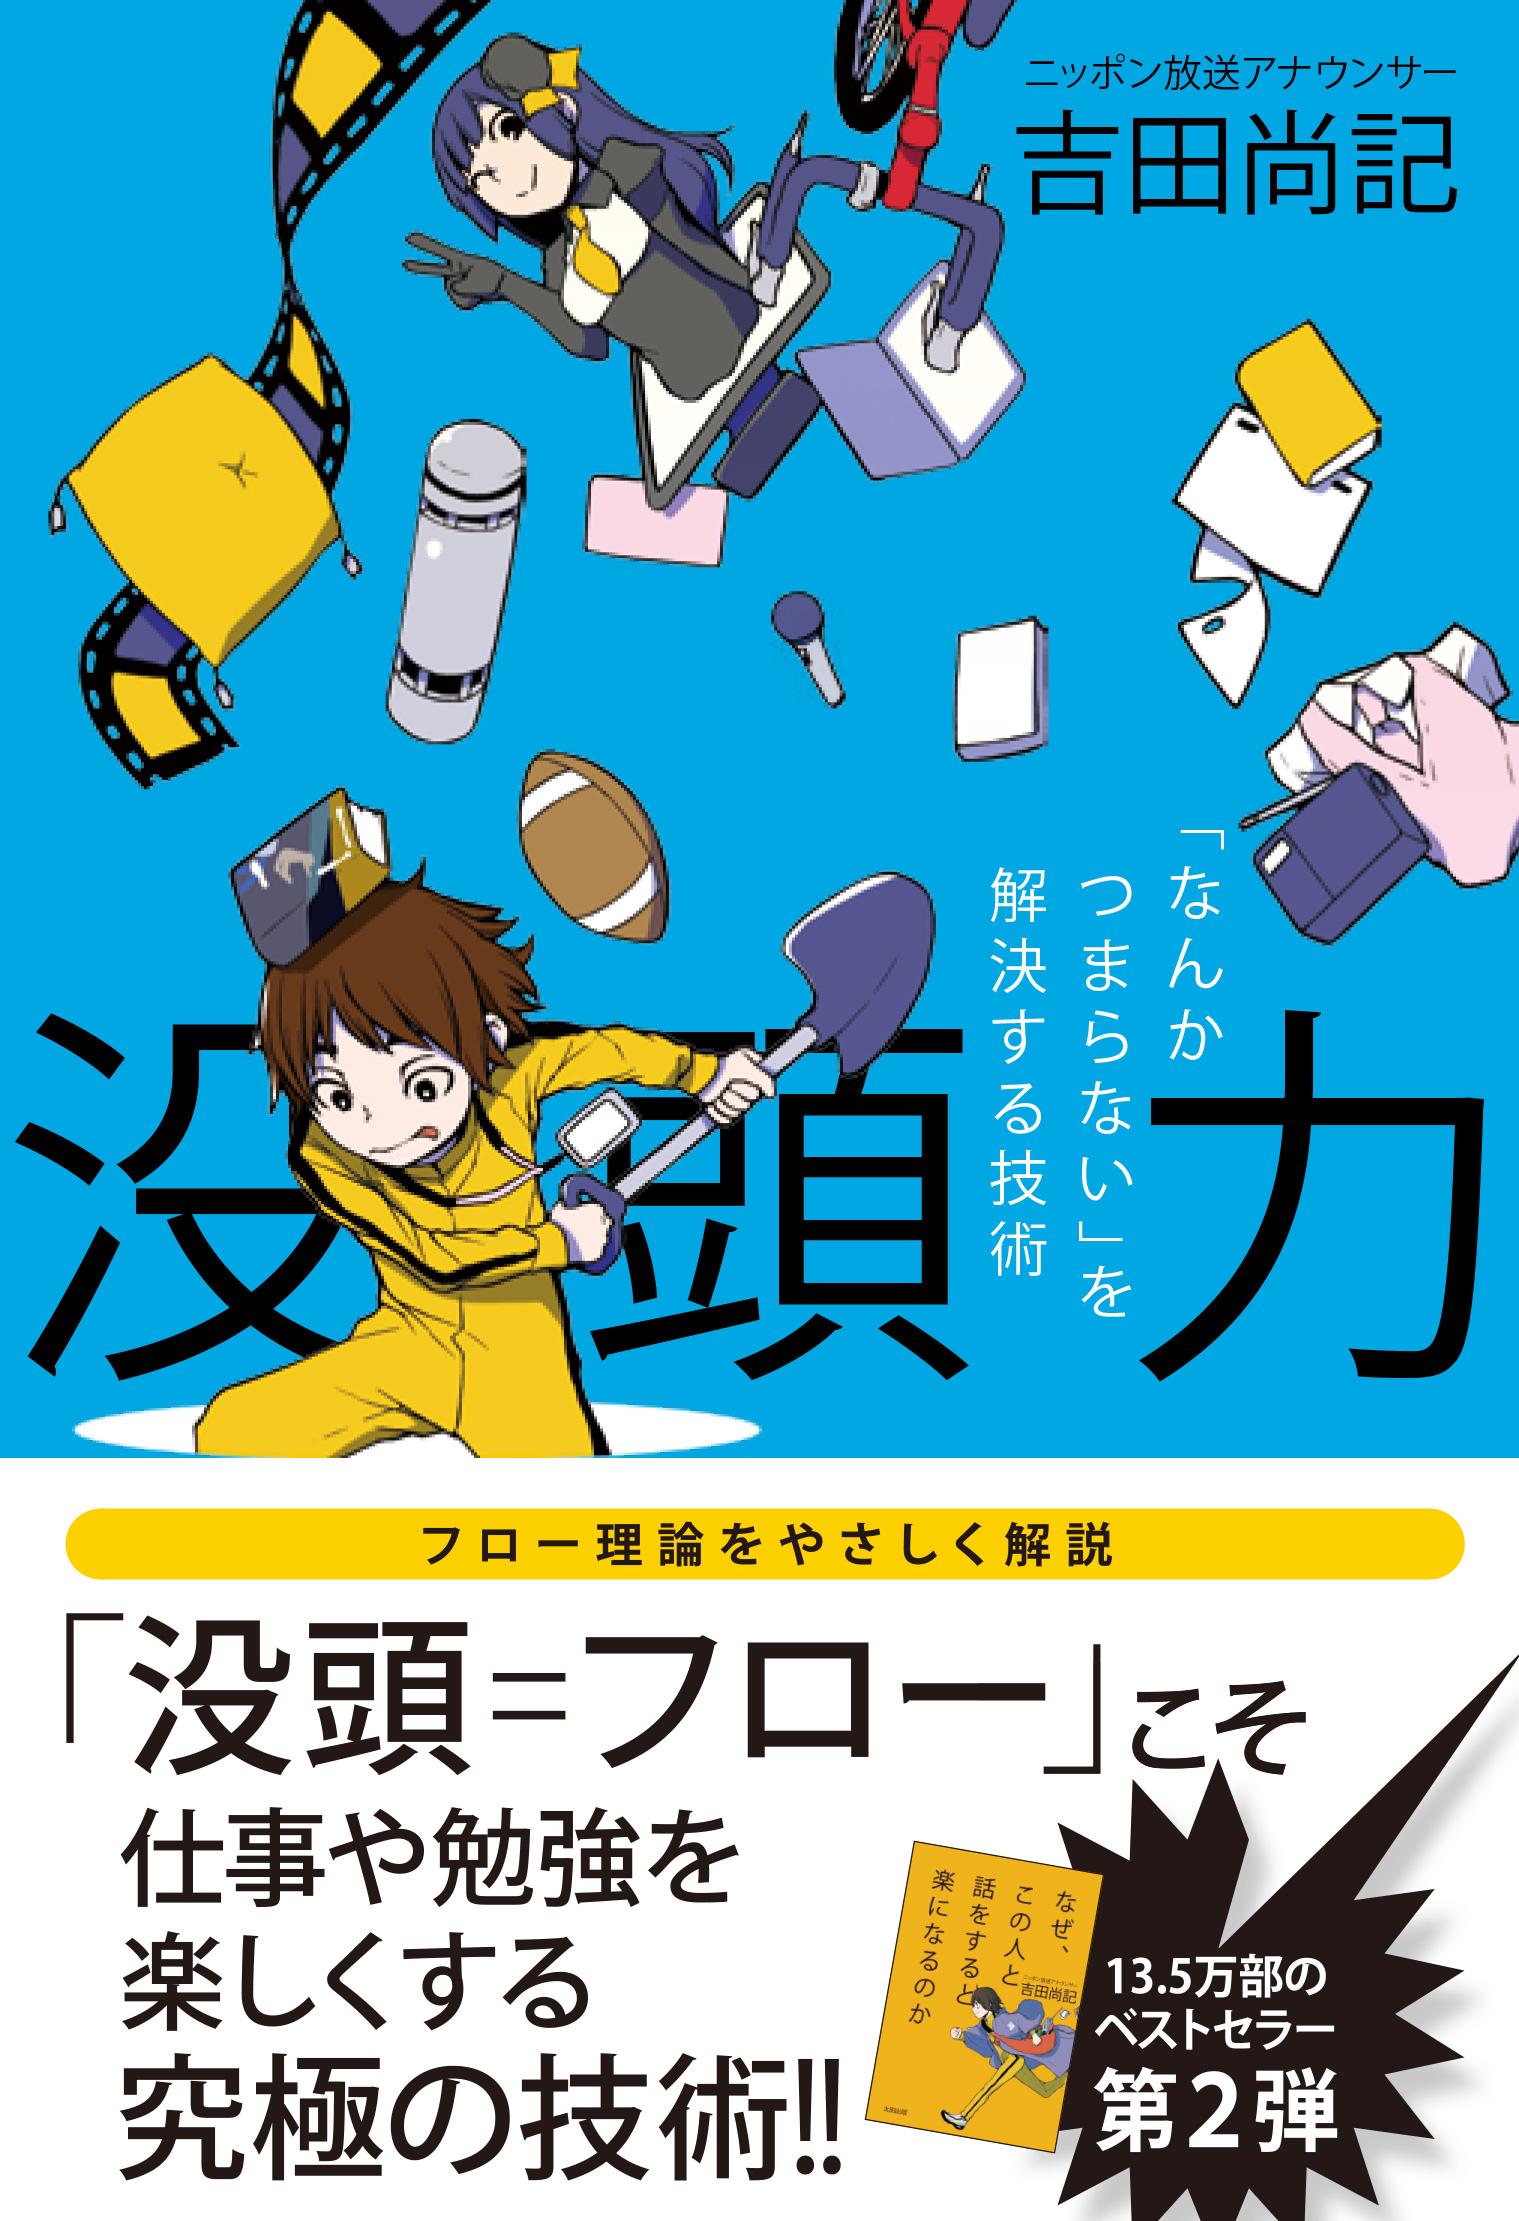 吉田尚記『没頭力「なんかつまらない」を解決する技術』(太田出版刊)